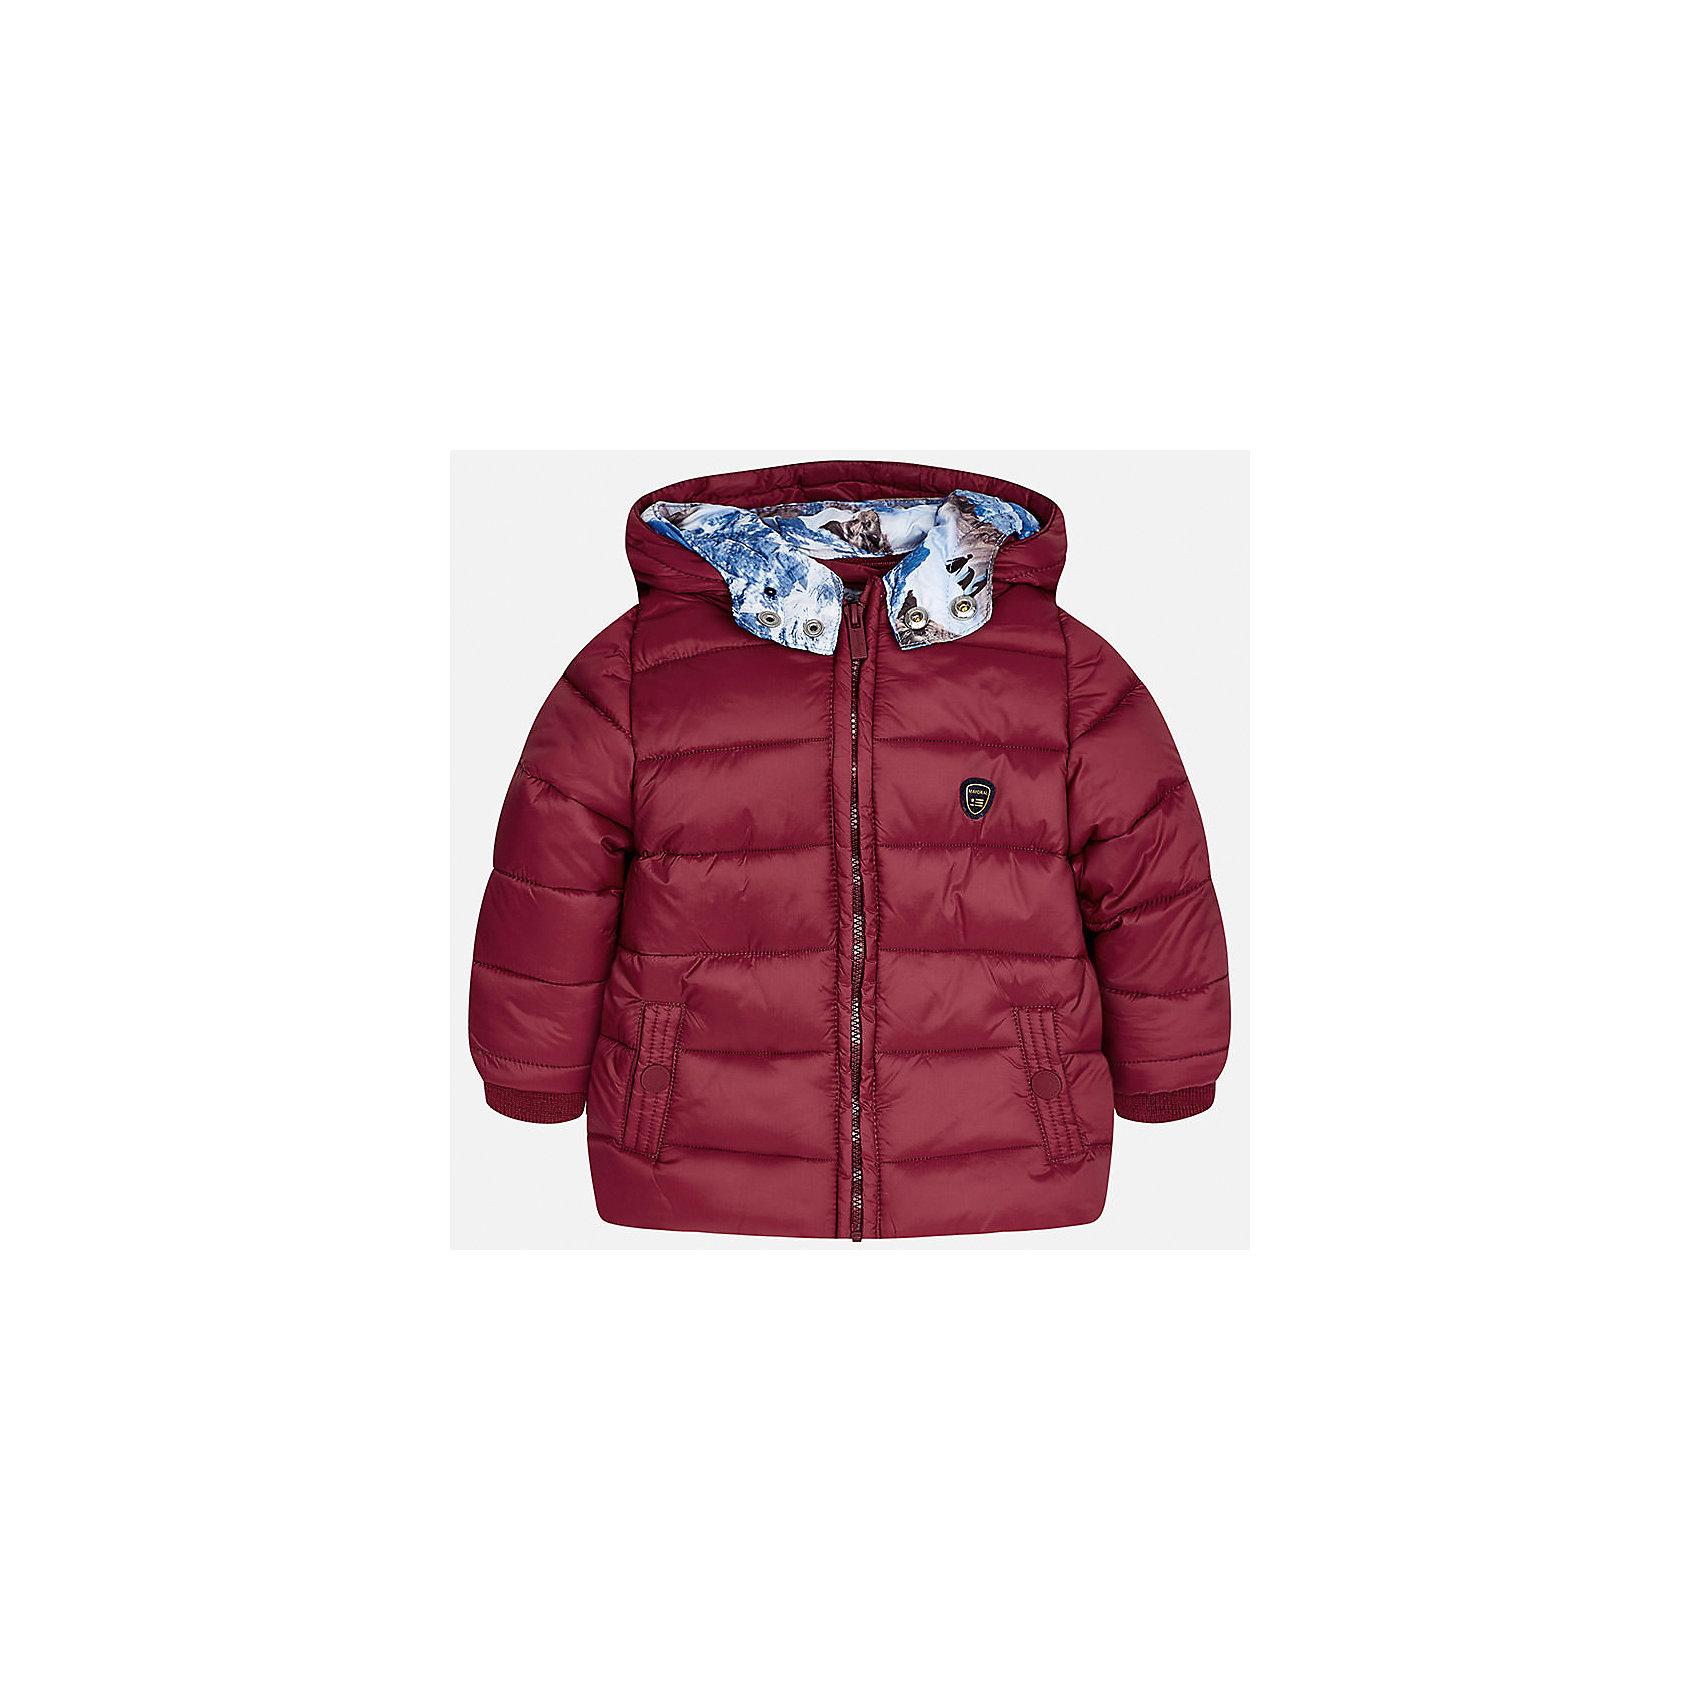 Куртка Mayoral для мальчикаВерхняя одежда<br>Характеристики товара:<br><br>• цвет: красный<br>• состав ткани: 100% полиамид<br>• подкладка: 100% полиэстер<br>• утеплитель: 100% полиэстер<br>• сезон: демисезон<br>• температурный режим: от -10 до +10<br>• особенности модели: с капюшоном, дутая<br>• капюшон: несъемный<br>• застежка: молния<br>• страна бренда: Испания<br>• страна изготовитель: Индия<br><br>Стильная детская куртка сделана из легкого, но теплого материала. Благодаря качественной ткани детской куртки для мальчика создаются комфортные условия для тела. Эта куртка для мальчика отличается стильным продуманным дизайном.<br><br>Куртку для мальчика Mayoral (Майорал) можно купить в нашем интернет-магазине.<br><br>Ширина мм: 356<br>Глубина мм: 10<br>Высота мм: 245<br>Вес г: 519<br>Цвет: розовый<br>Возраст от месяцев: 12<br>Возраст до месяцев: 15<br>Пол: Мужской<br>Возраст: Детский<br>Размер: 80,98,86,92<br>SKU: 6935170